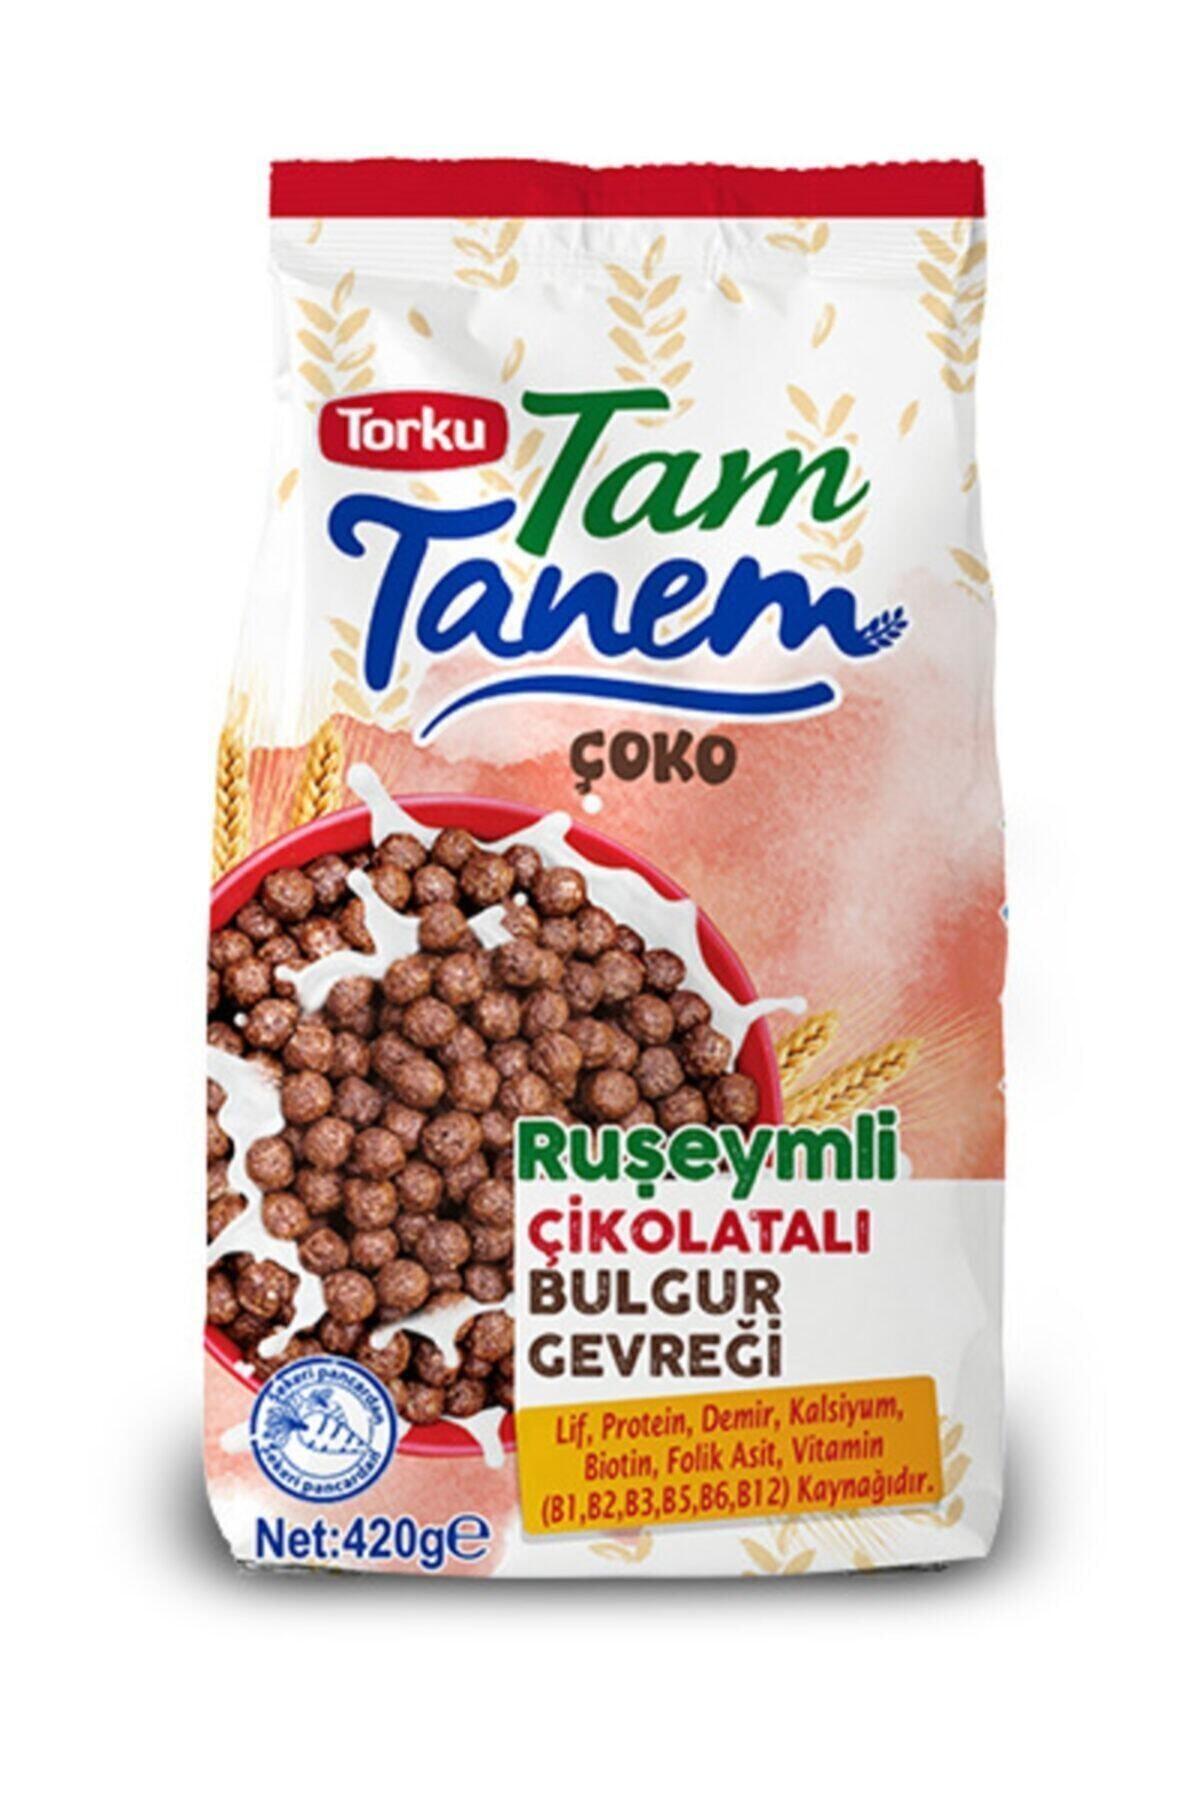 TORKU TAM TANEM RUSEYMLI BULGUR GEVREGI 420 GR